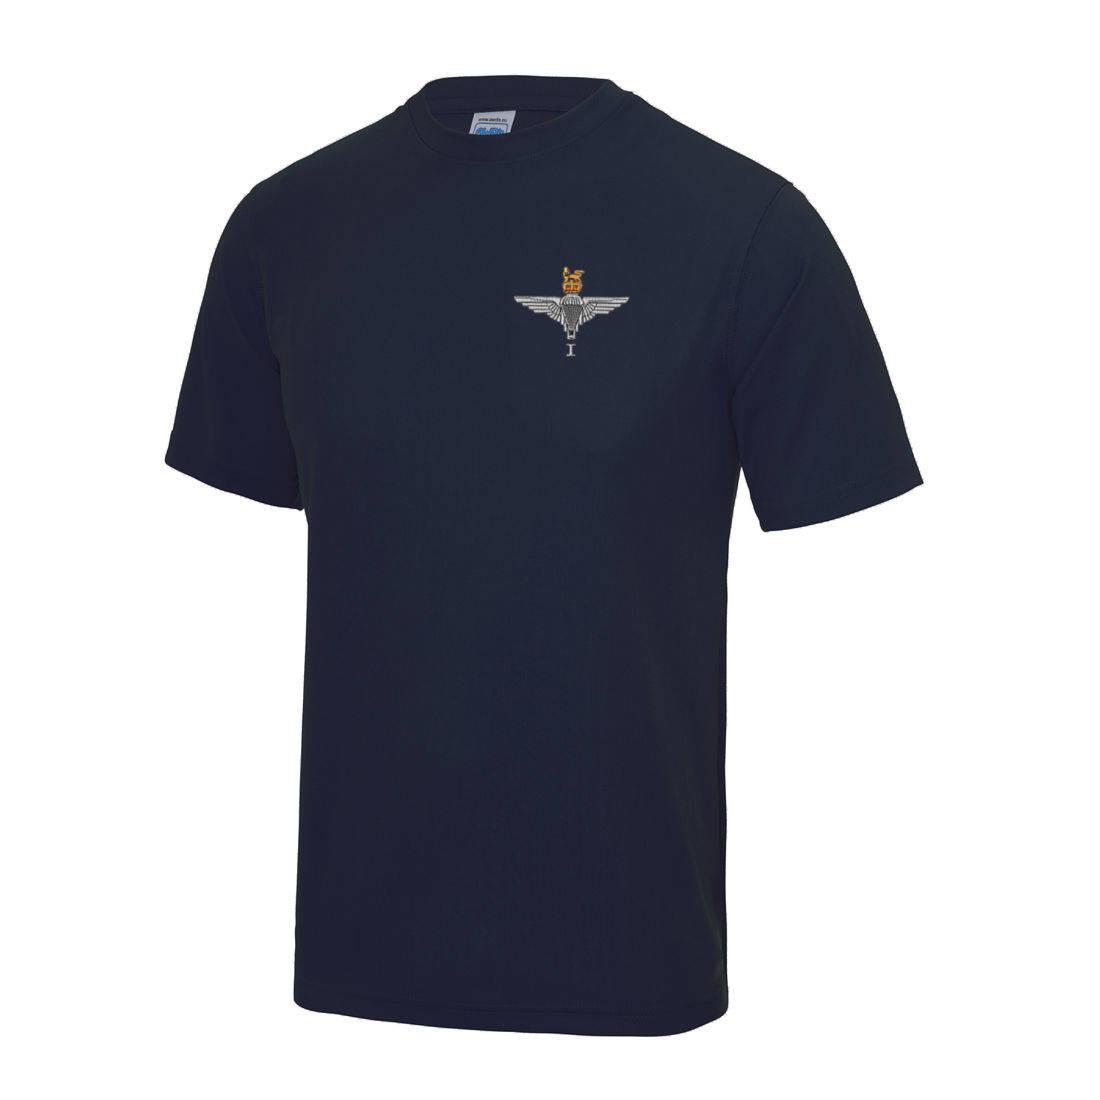 Gym/Training T-Shirt